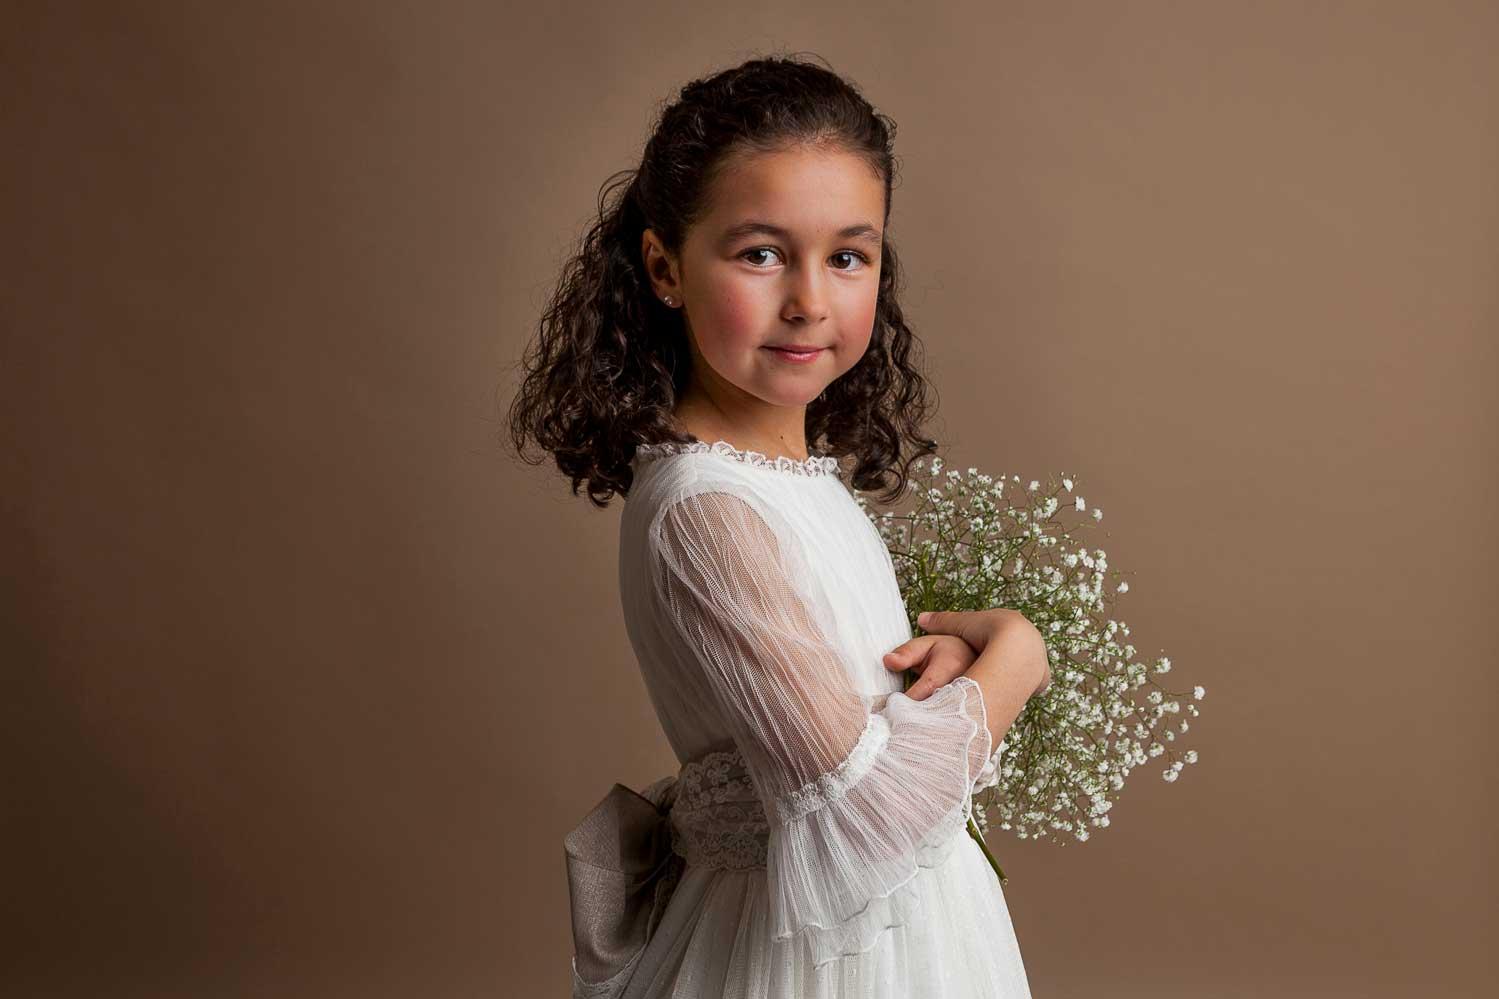 foto estudio comunion niña